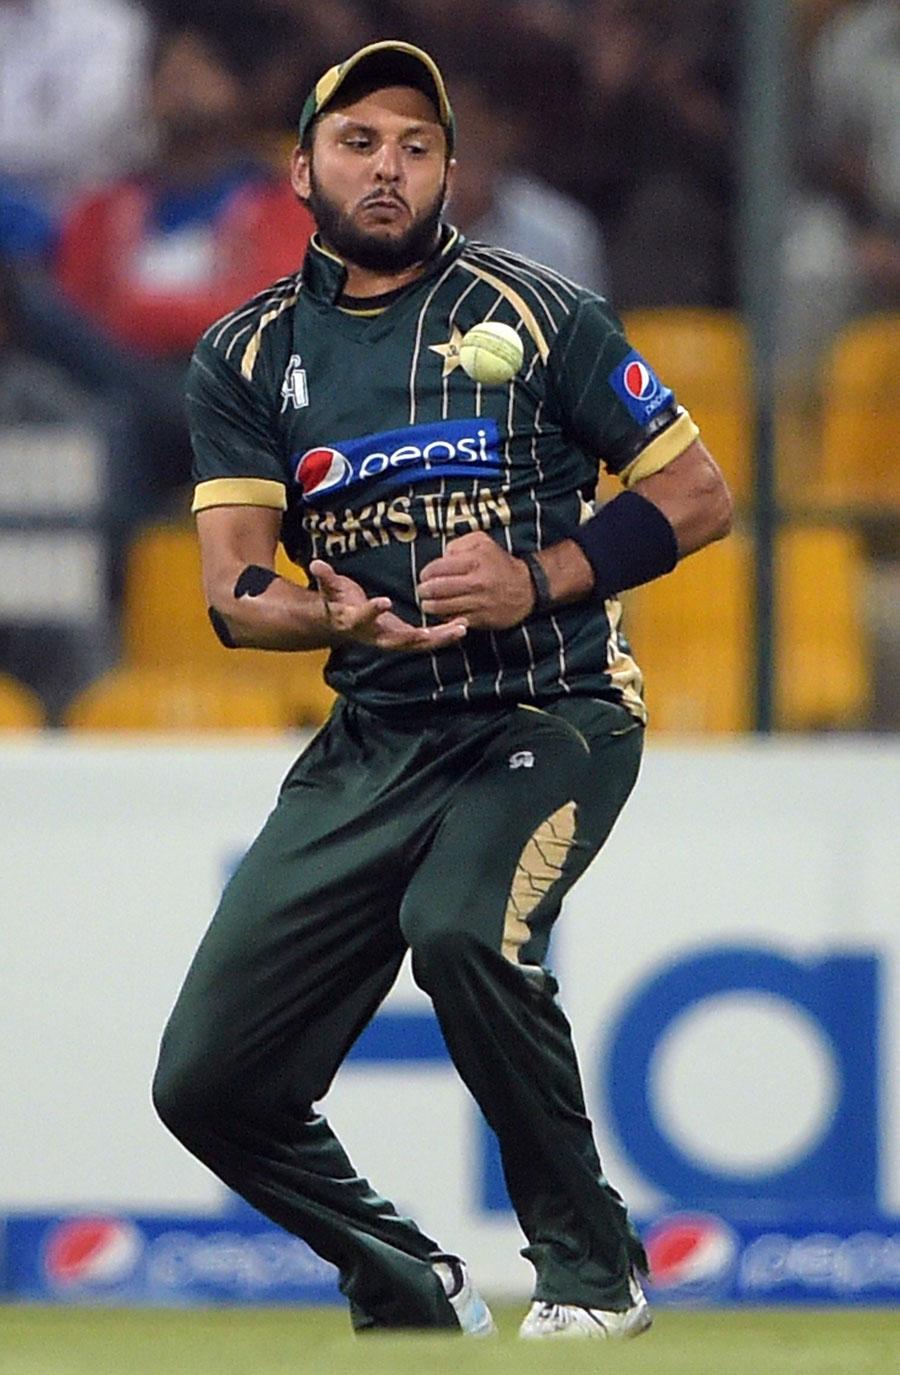 """ورلڈ ٹی ٹوئنٹی میں شکست کے بعد پاکستان کے پاس کسی نئے کھلاڑیوں کو بحیثیت کپتان آزمانے کا اچھا موقع تھا، لیکن شاہد آفریدی کو """"نیا"""" کپتان بنانے کا فیصلہ کیا گیا، وہ بھی ورلڈ ٹی ٹوئنٹی 2016ء تک (تصویر: AFP)"""